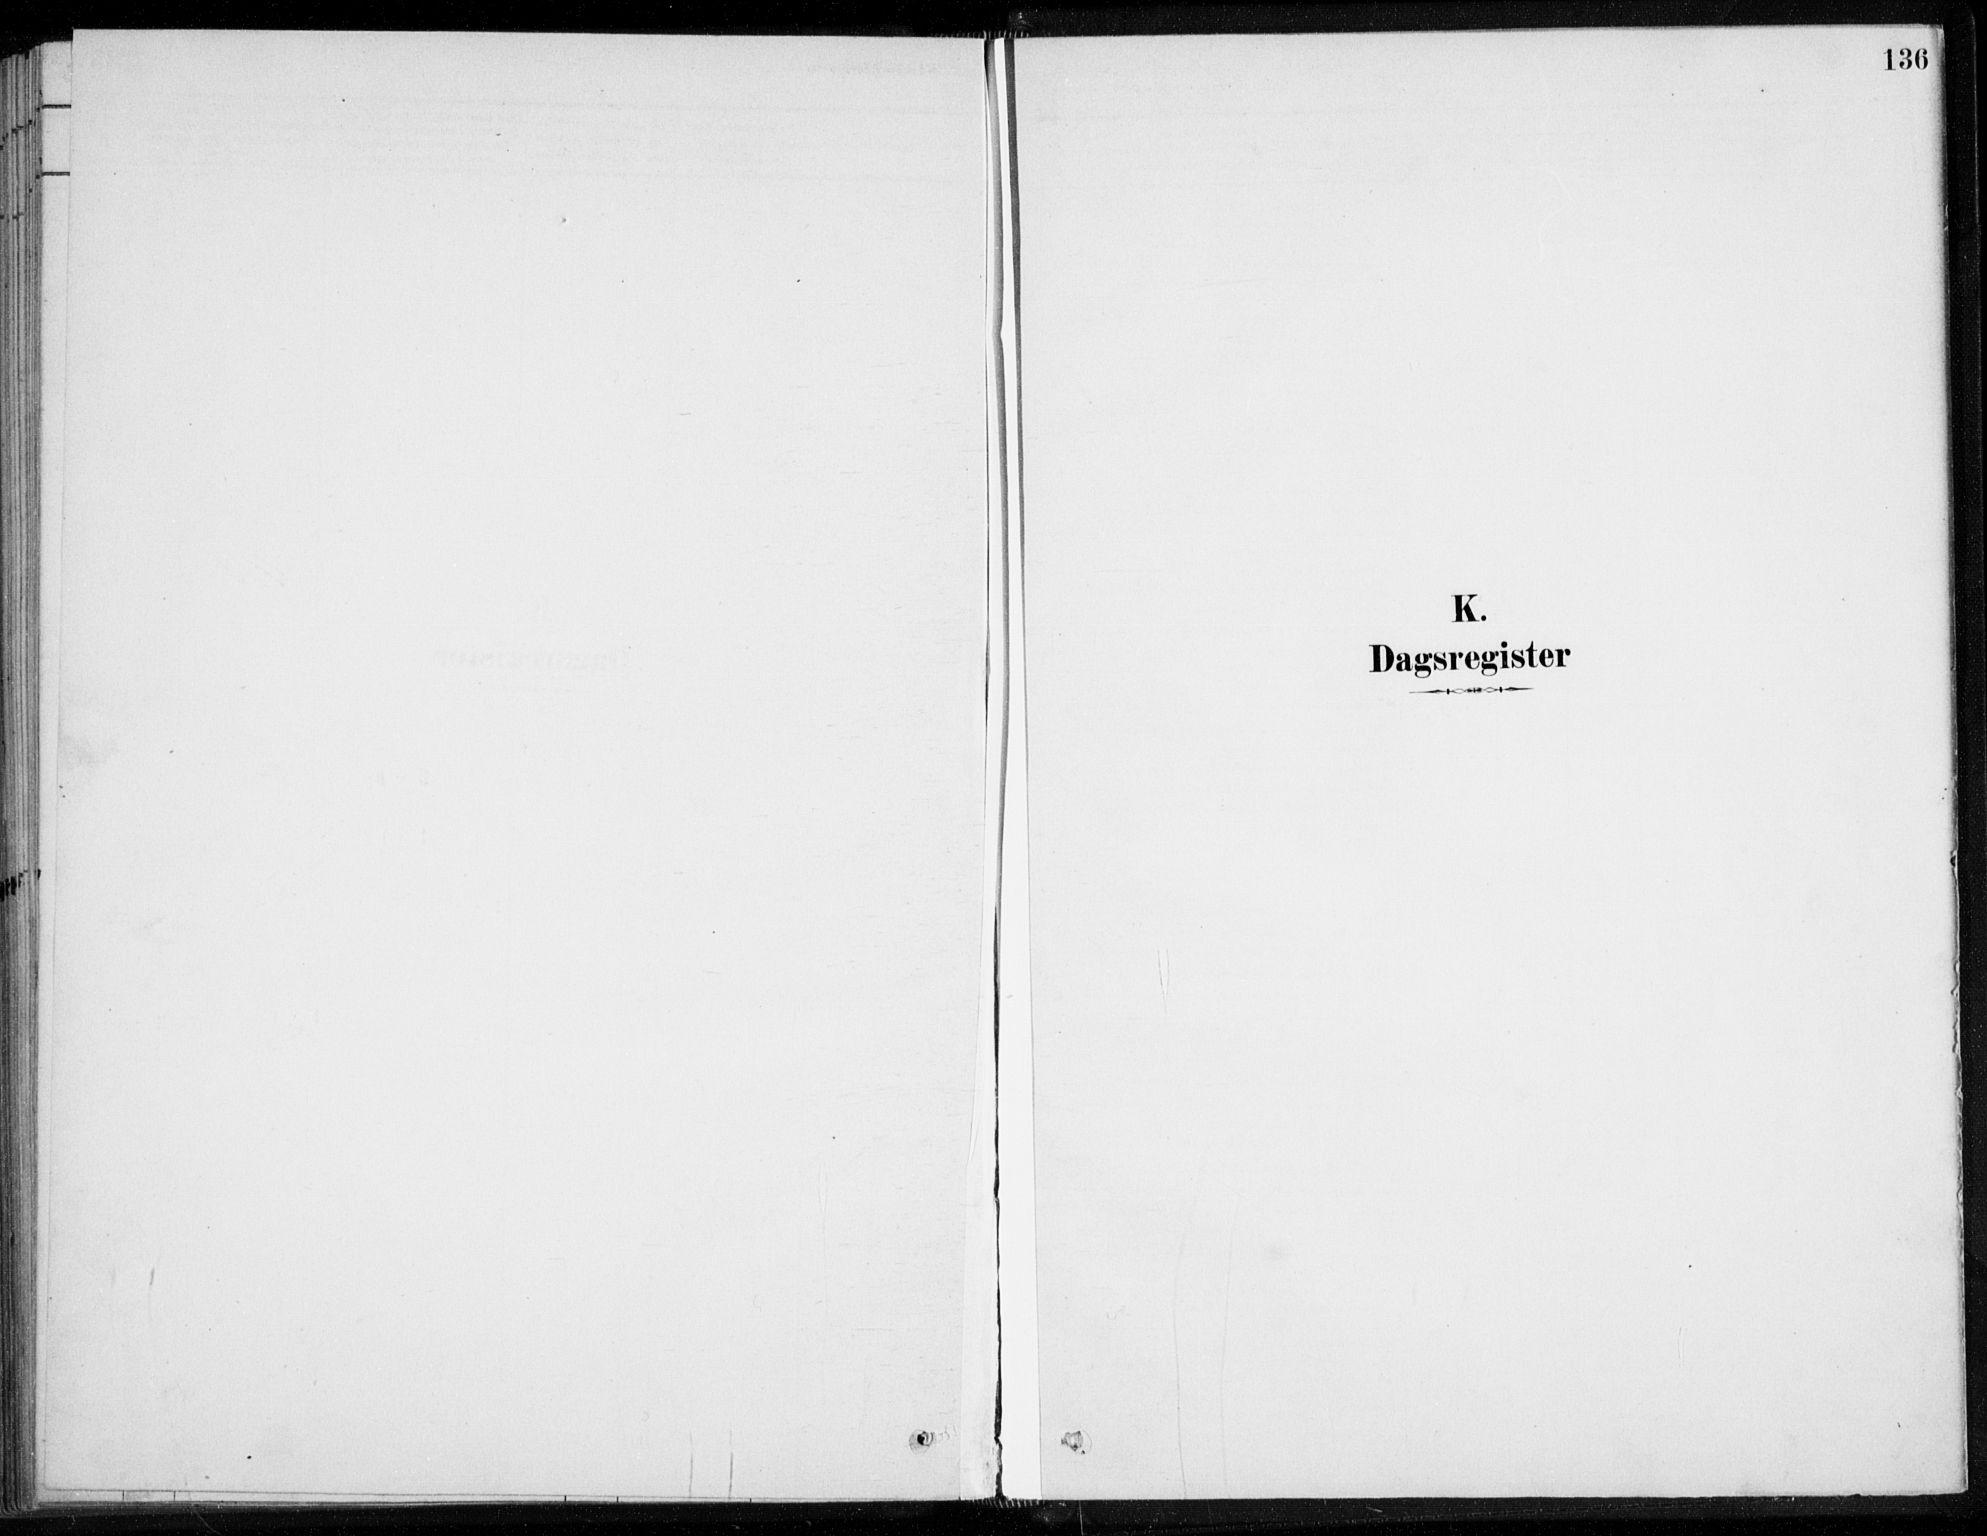 SAKO, Åssiden kirkebøker, F/Fa/L0001: Ministerialbok nr. 1, 1878-1904, s. 136